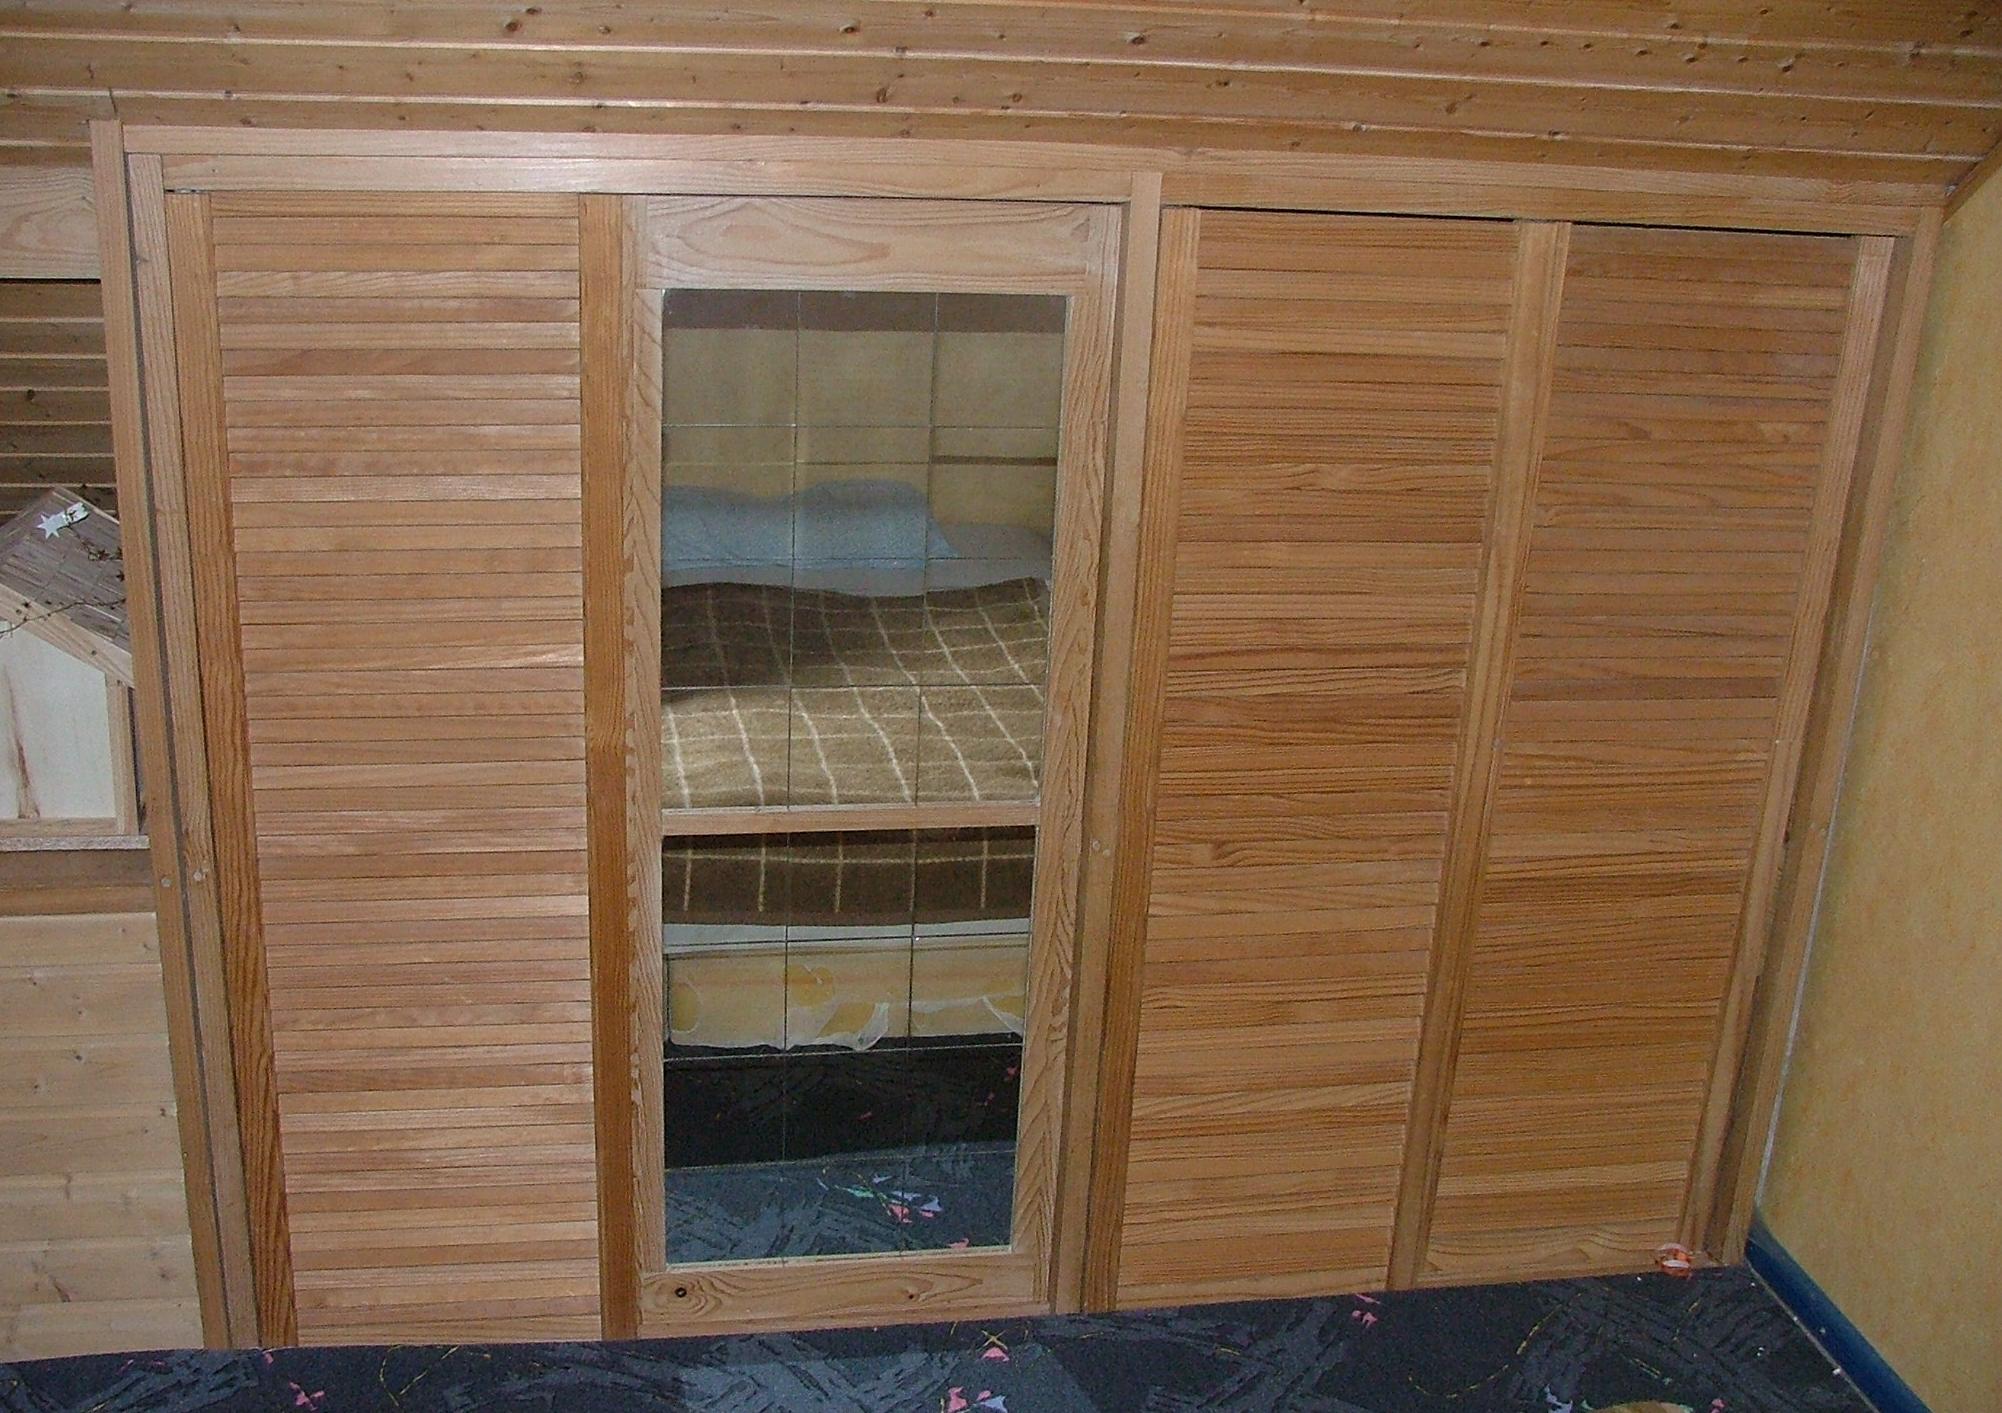 bauanleitung f r einen einbauschrank dachschr ge versand per e mail als pdf ebay. Black Bedroom Furniture Sets. Home Design Ideas